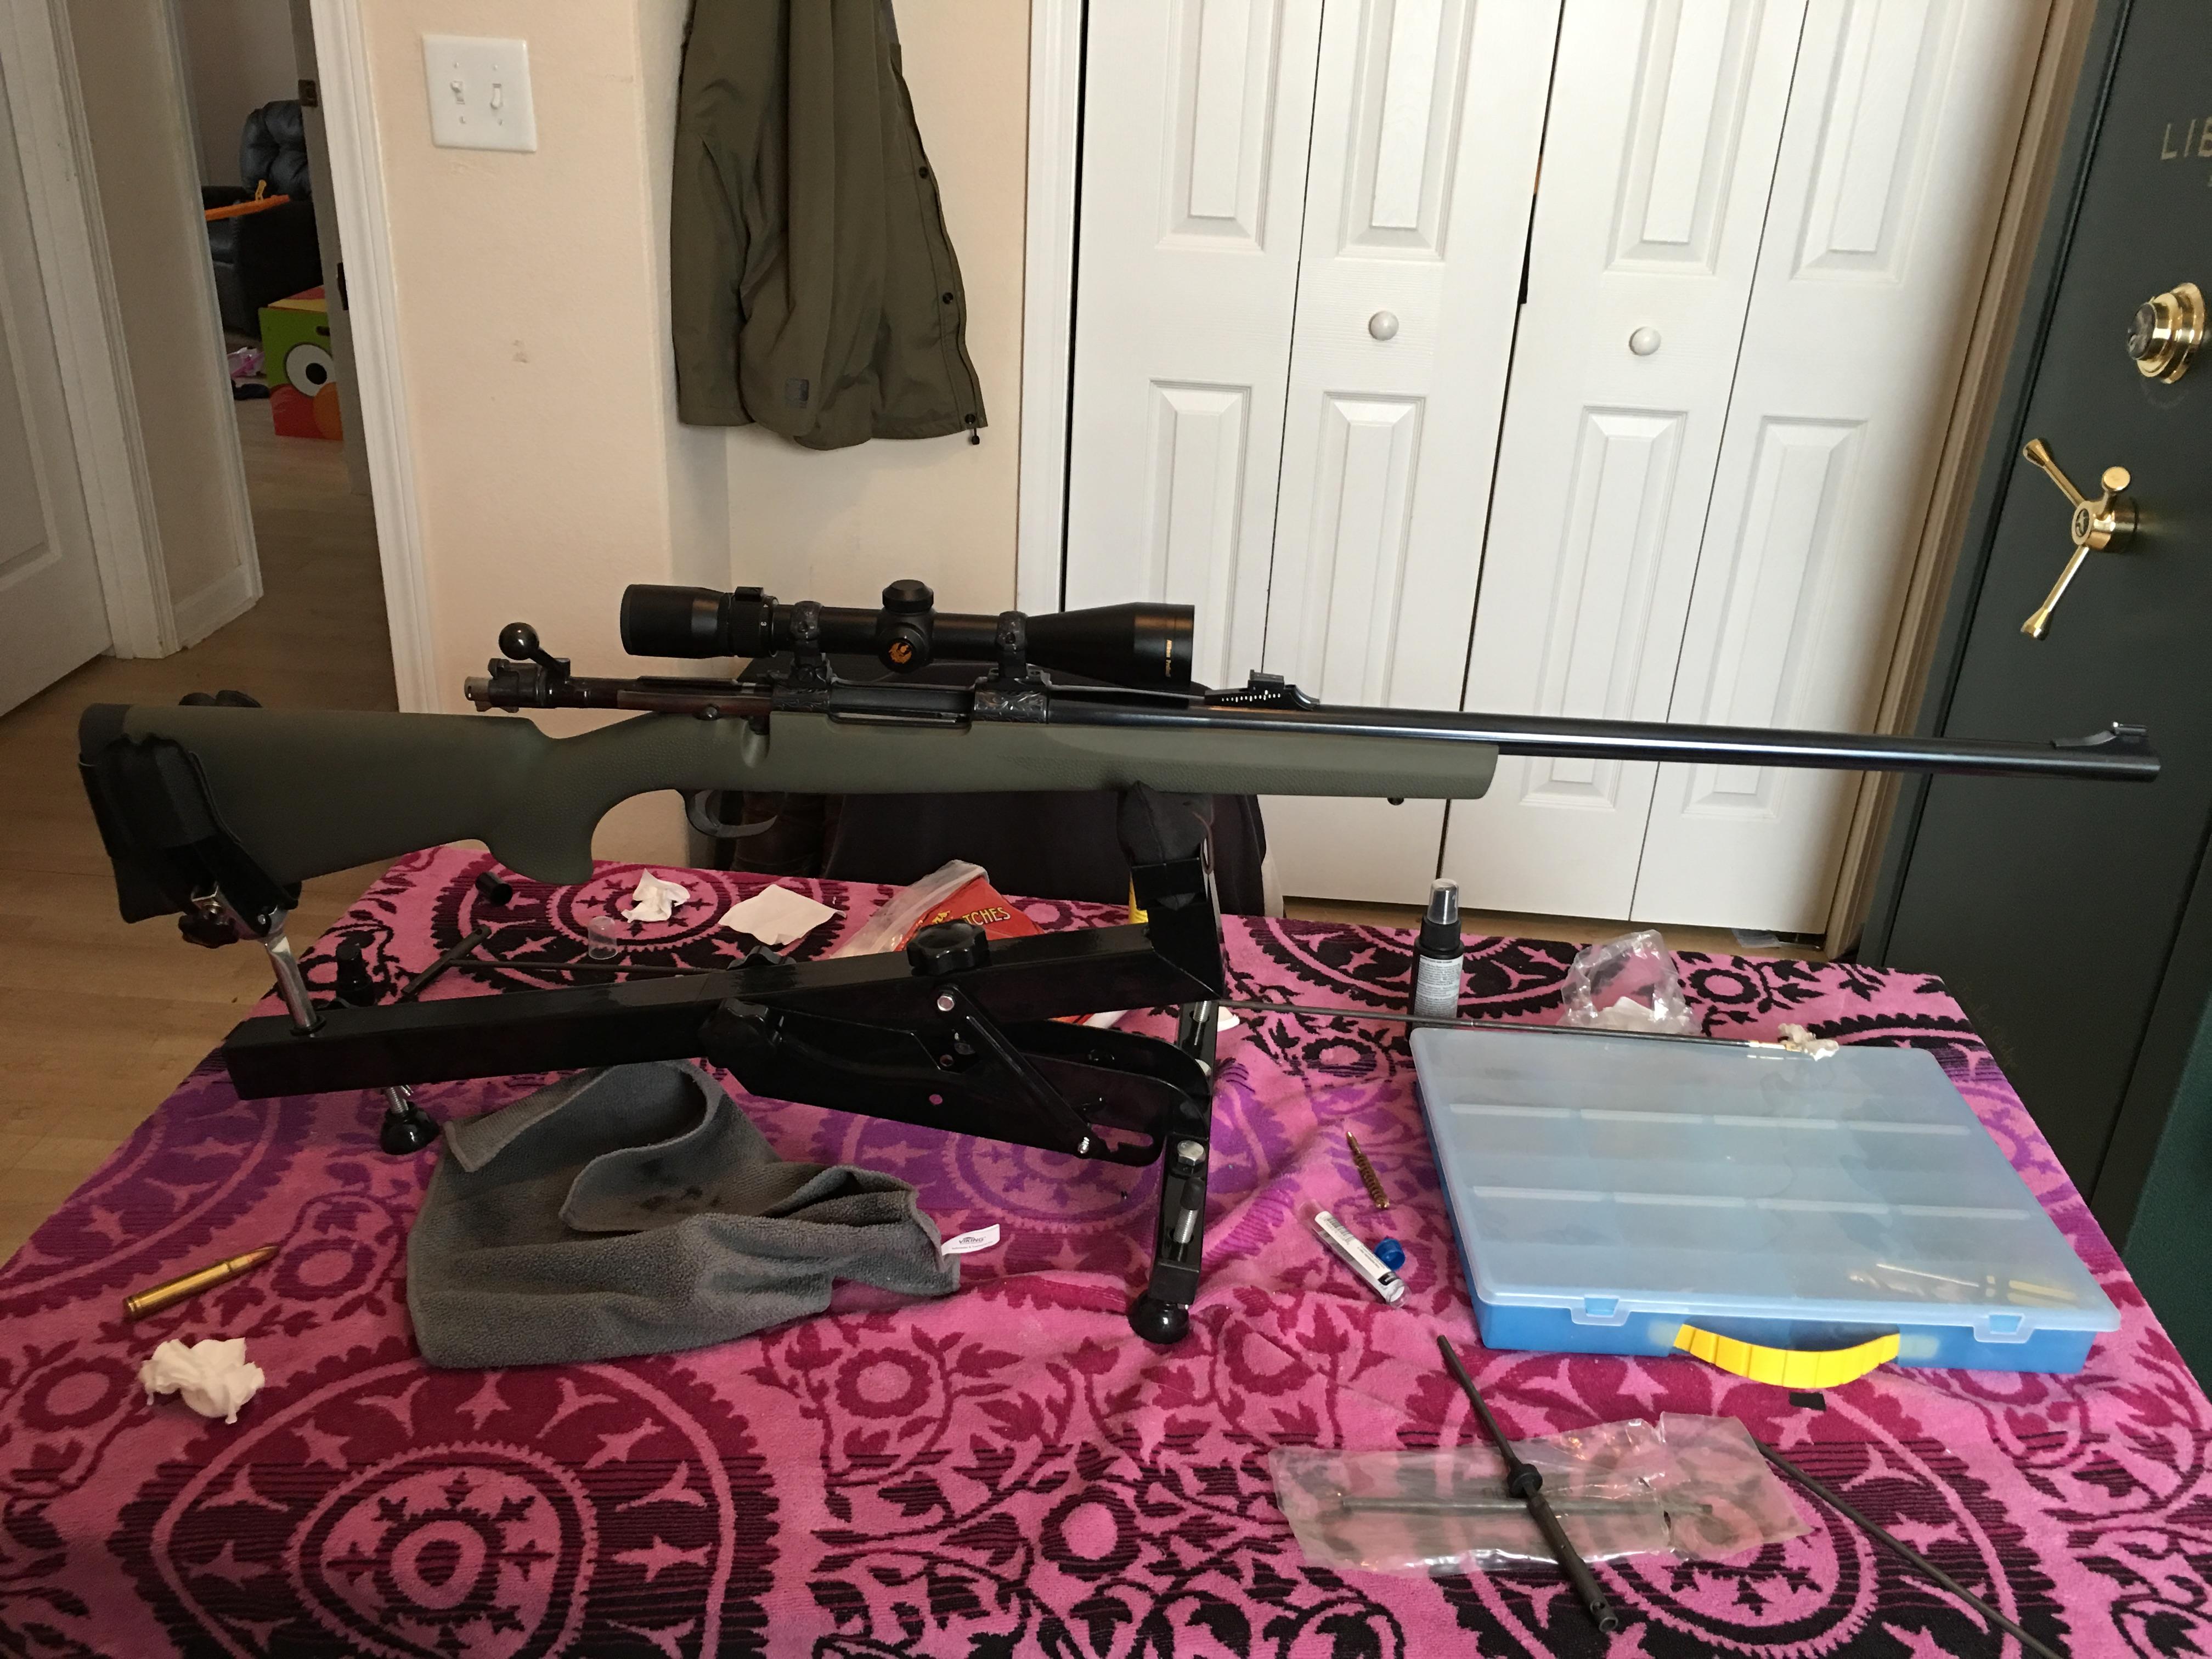 416 taylor hunting